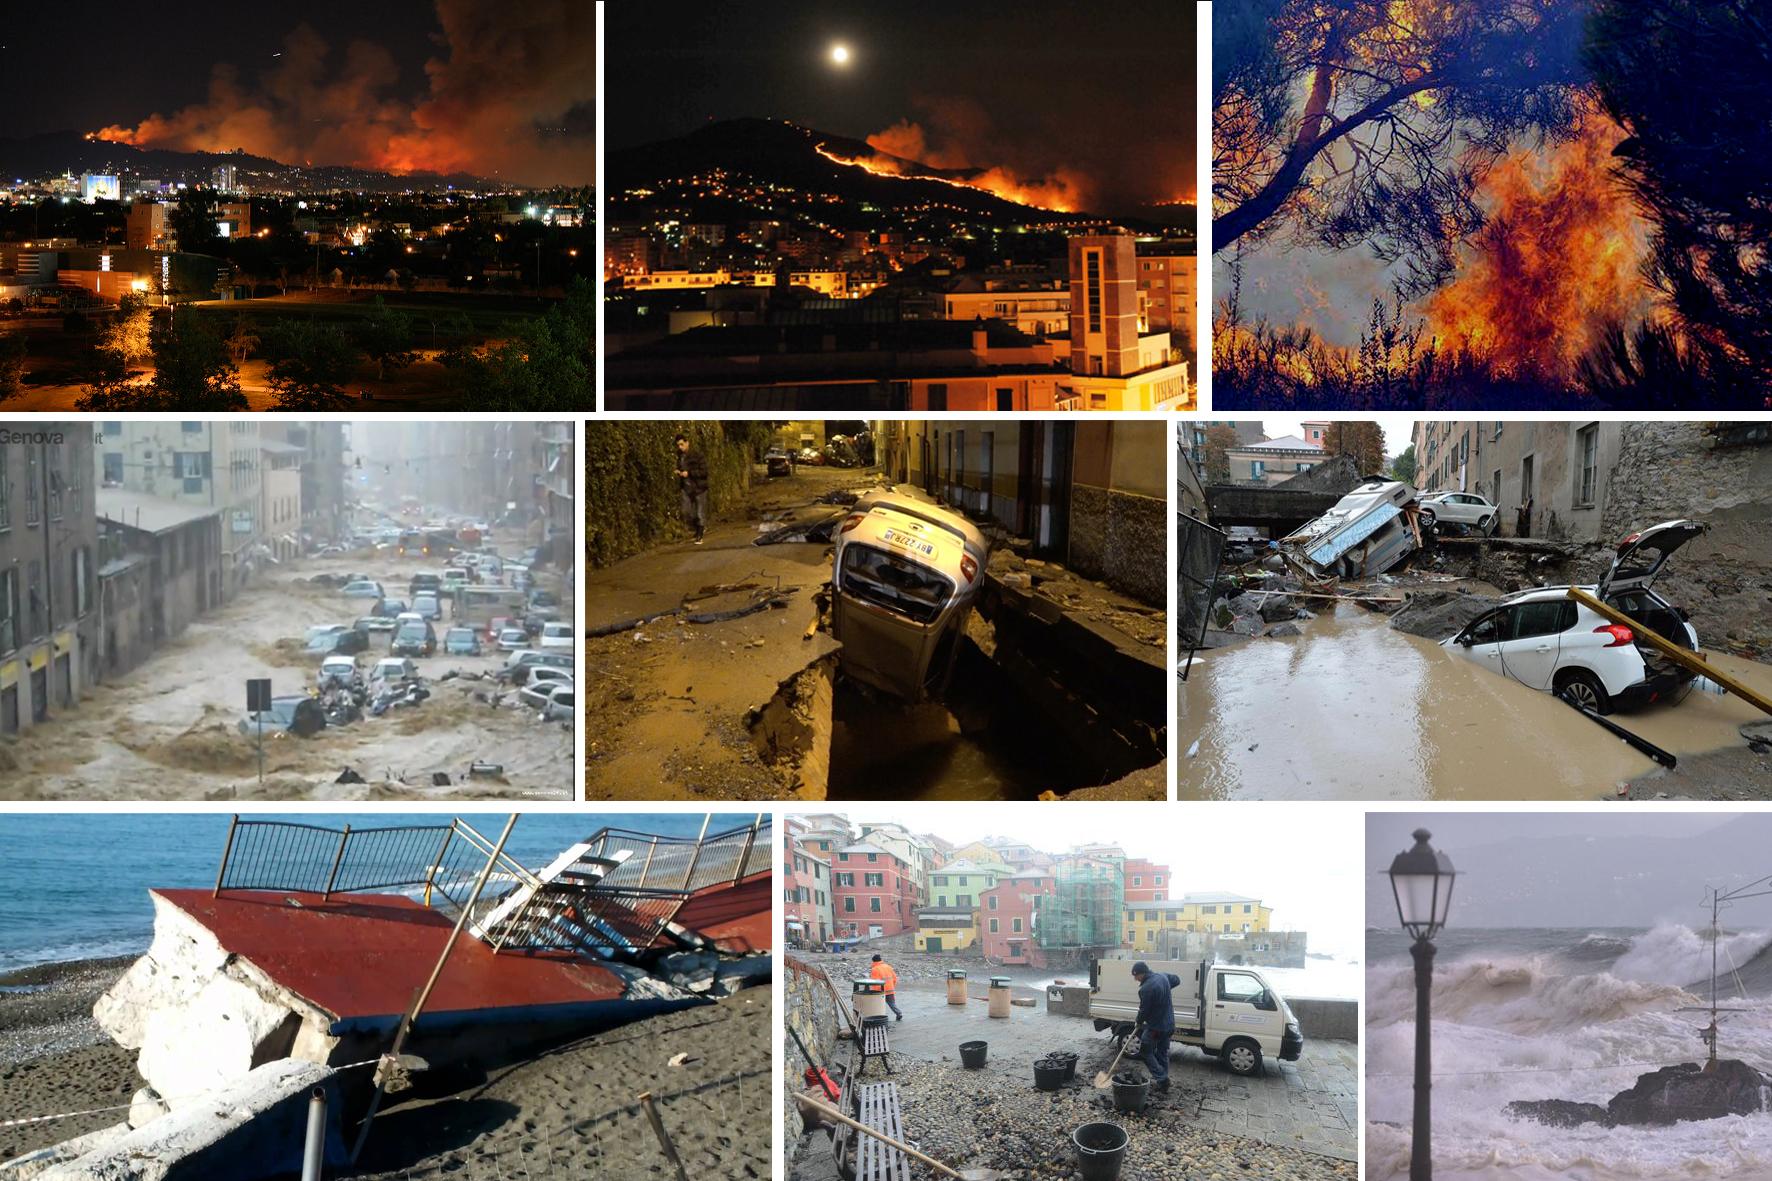 Comunicazione visiva e emergenze ambientali